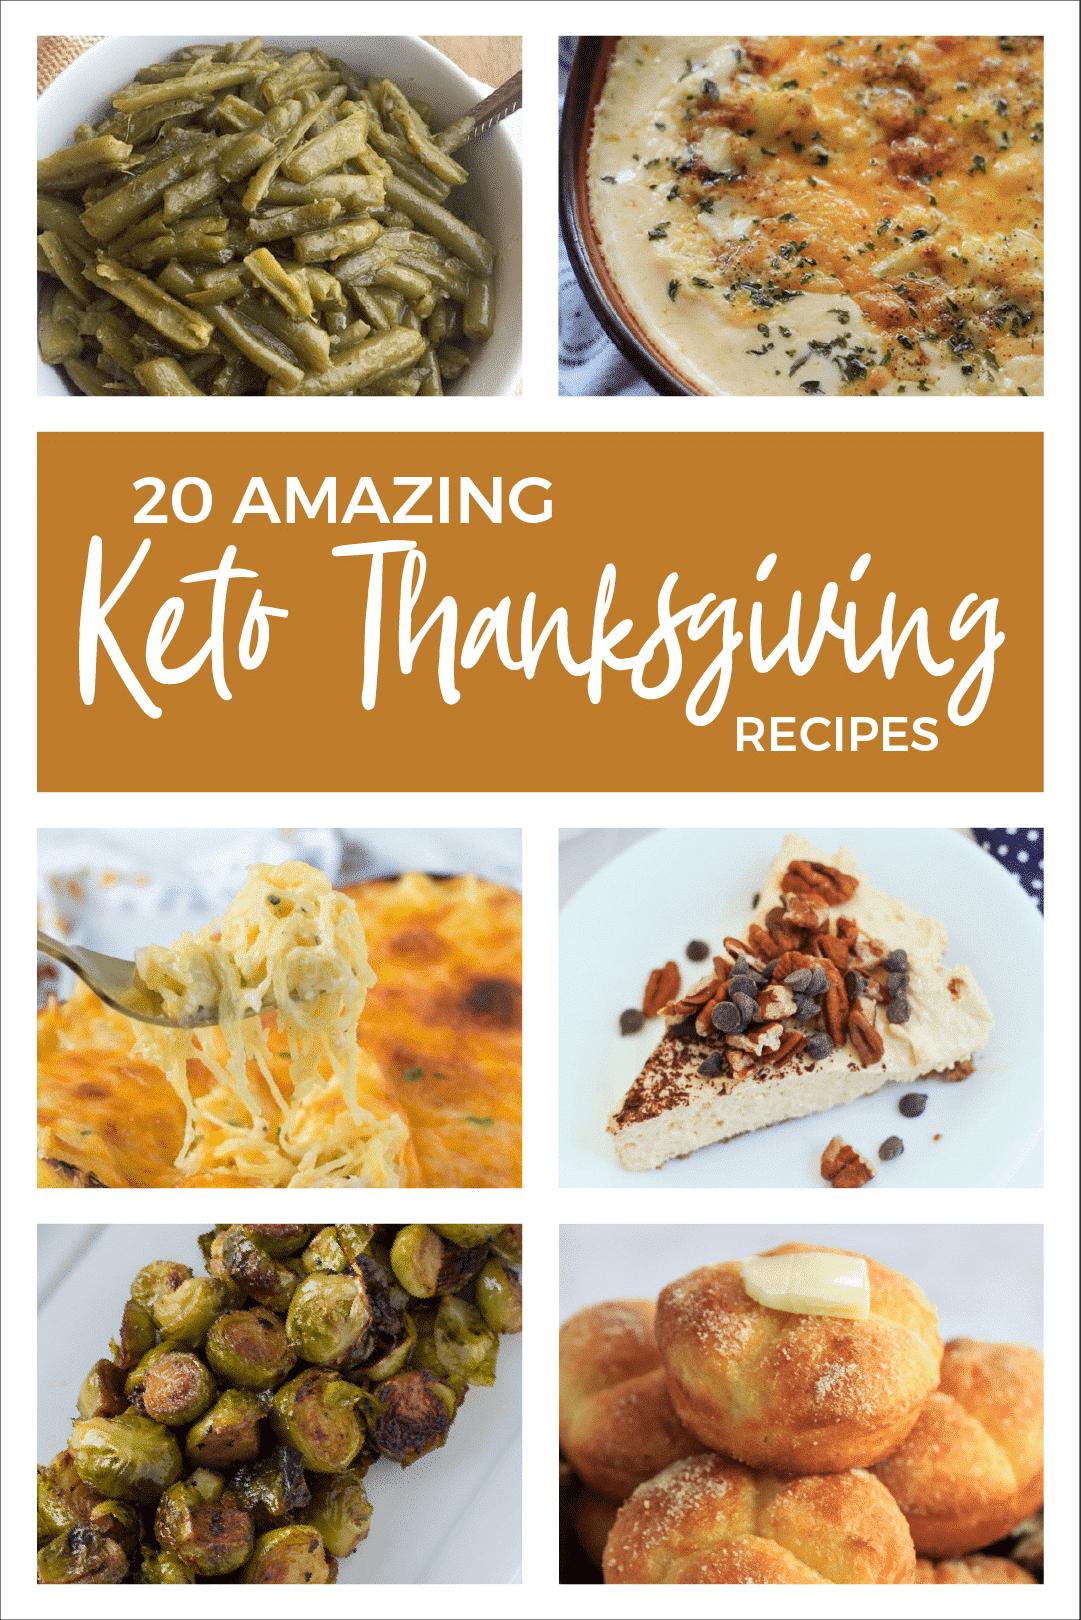 20 Amazing Keto Thanksgiving Recipes